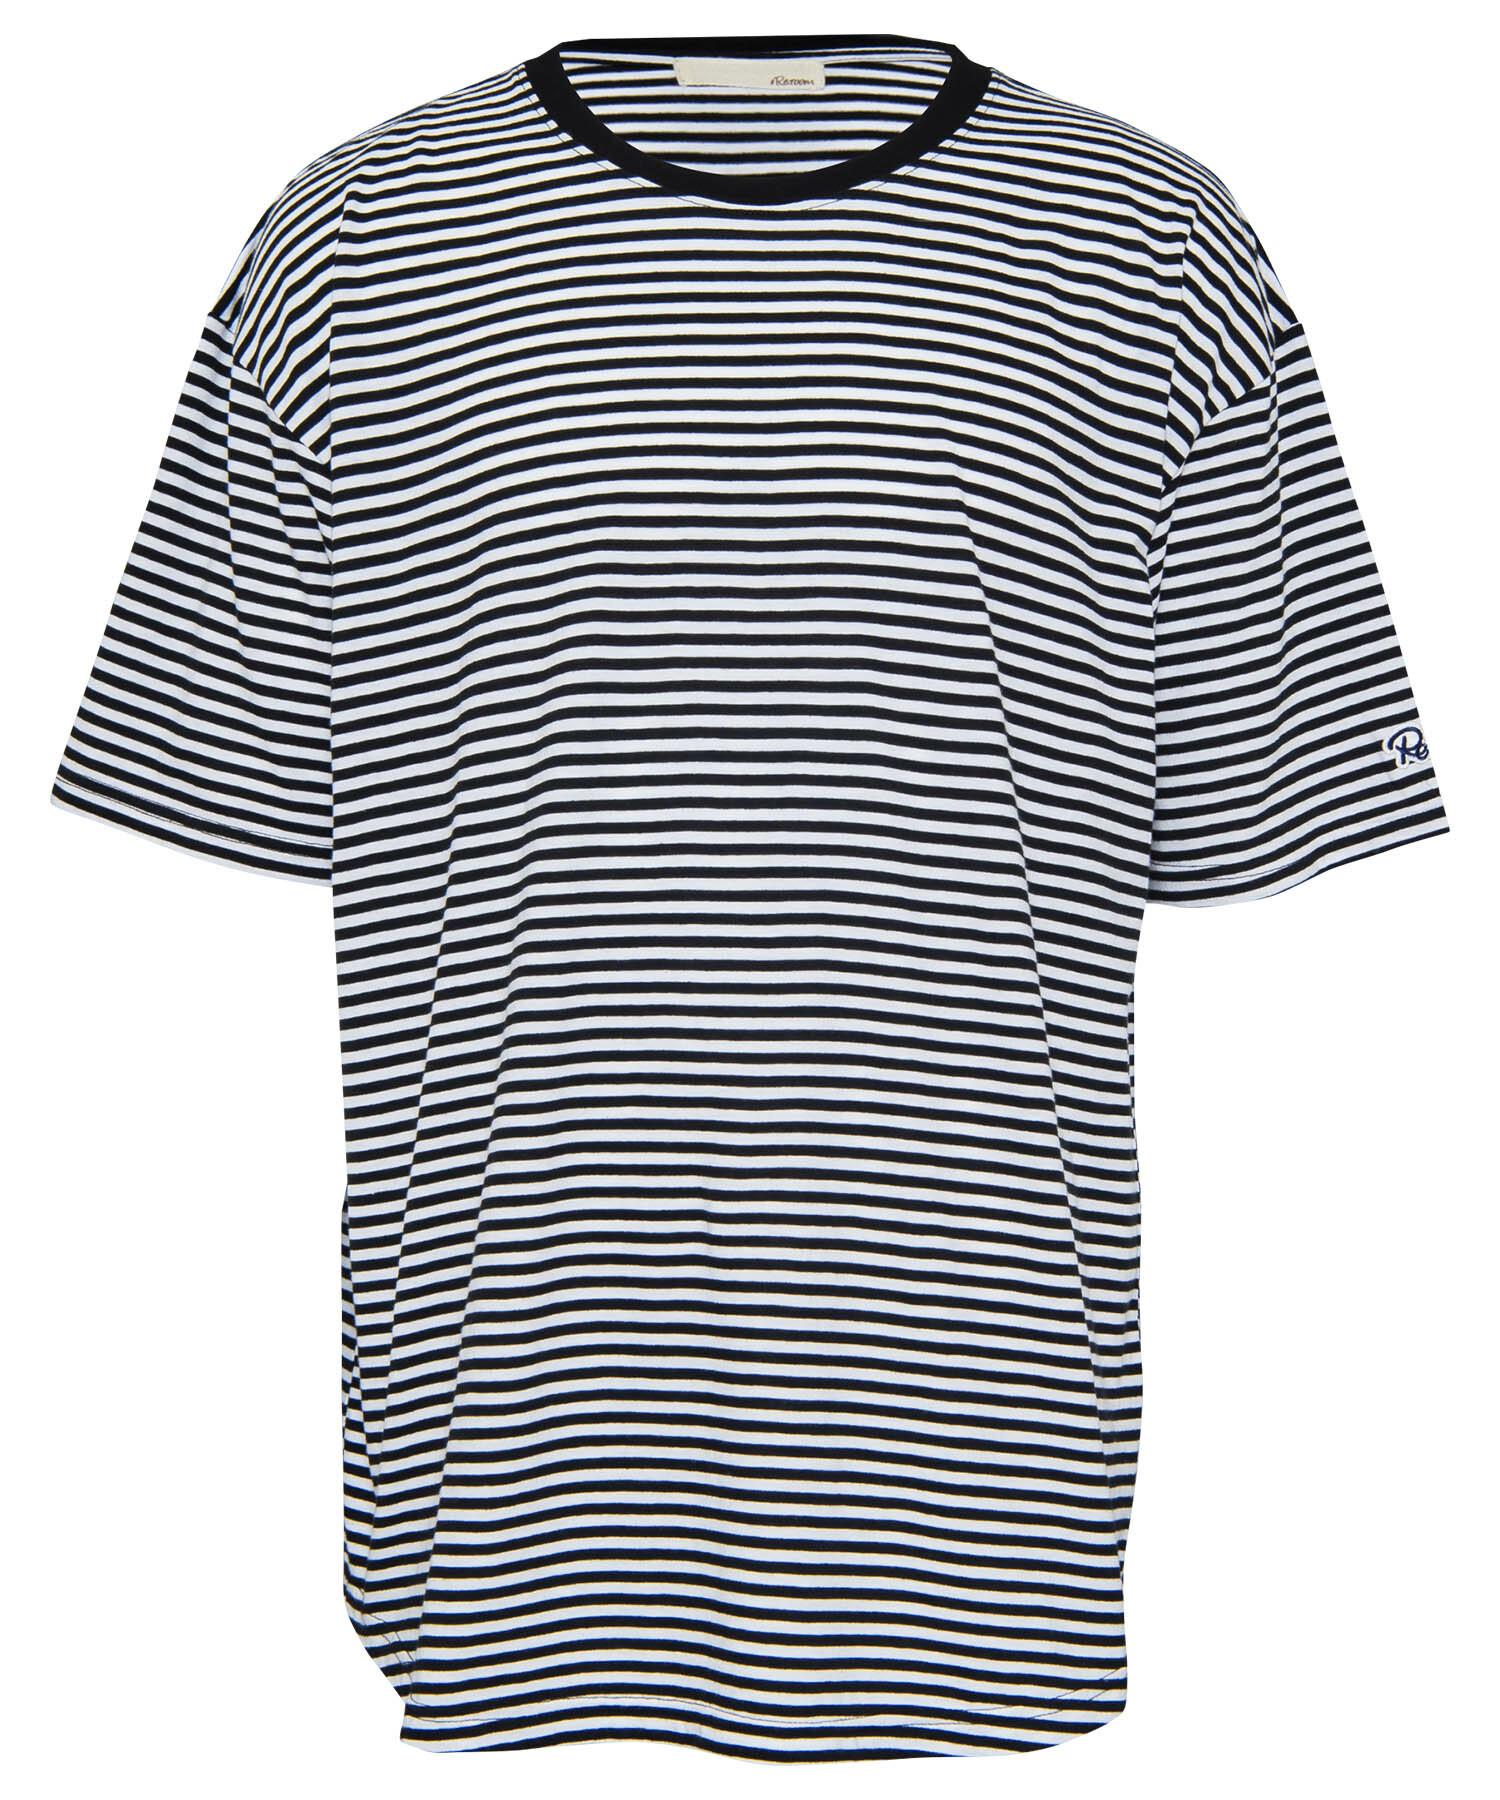 PLANE BORDER BIG T-shirt[REC282]